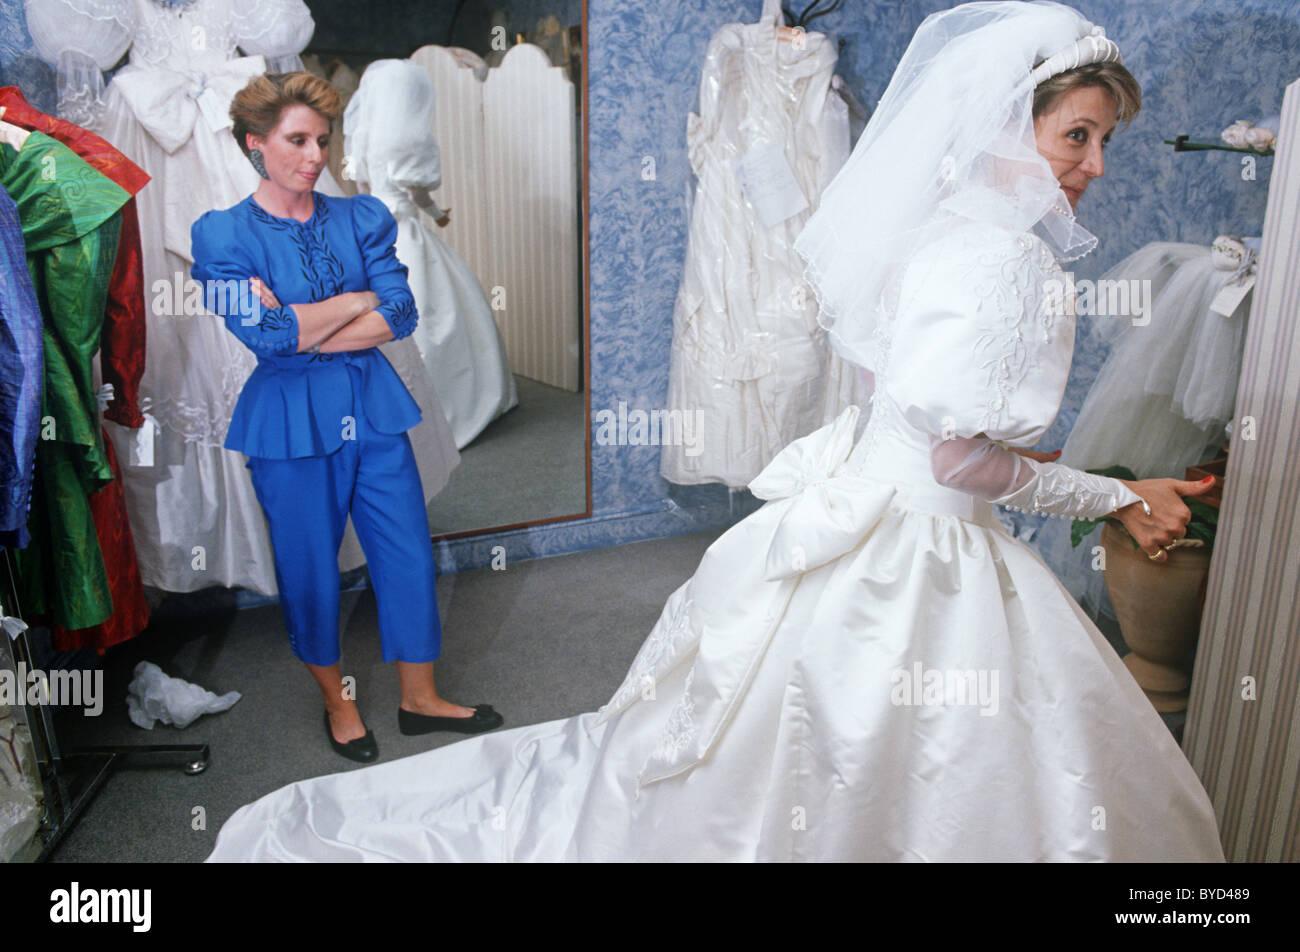 Ladies Dress Shop Stockfotos & Ladies Dress Shop Bilder - Alamy